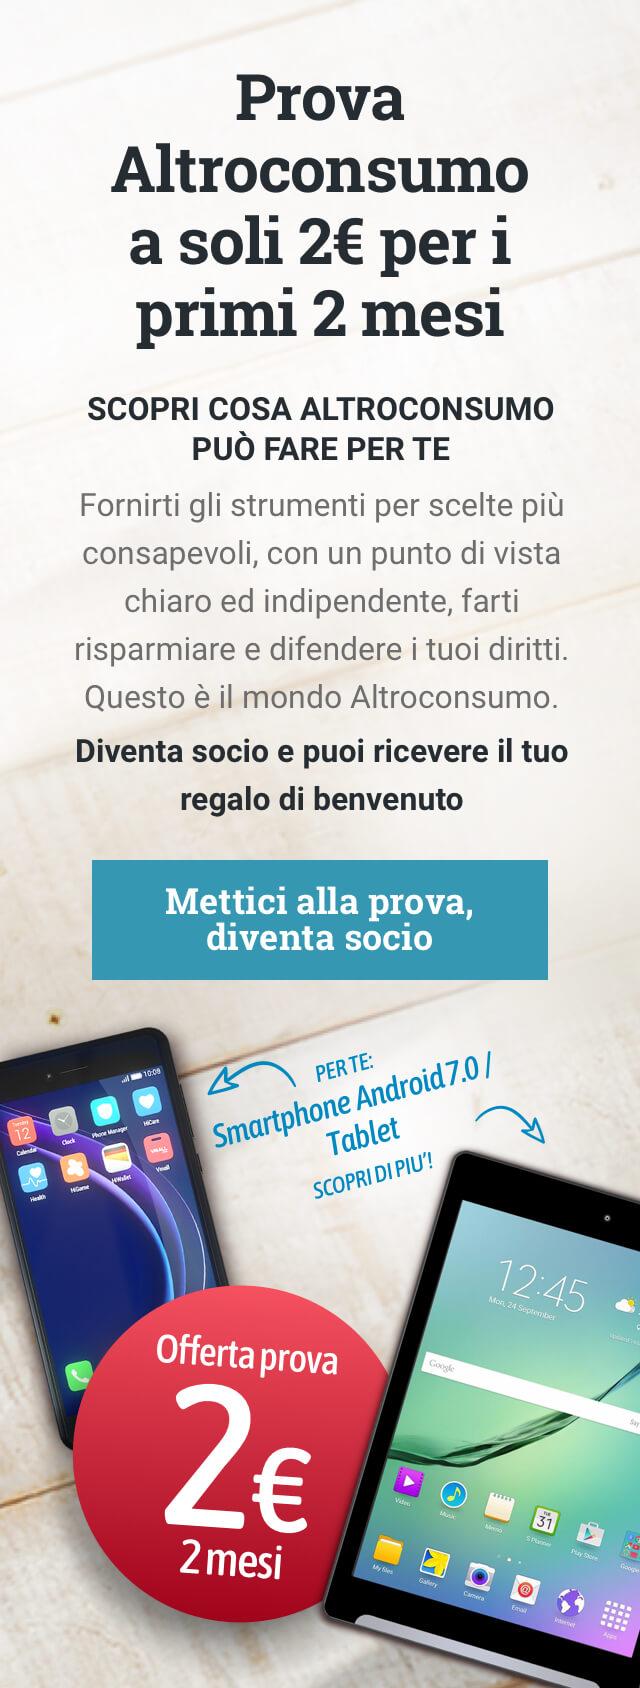 Prova Altroconsumo a soli 2€ per i primi 2 mesi. Mettici alla prova, diventa socio. Per te: Smartphone Android 7.0 o Tablet Android scopri!